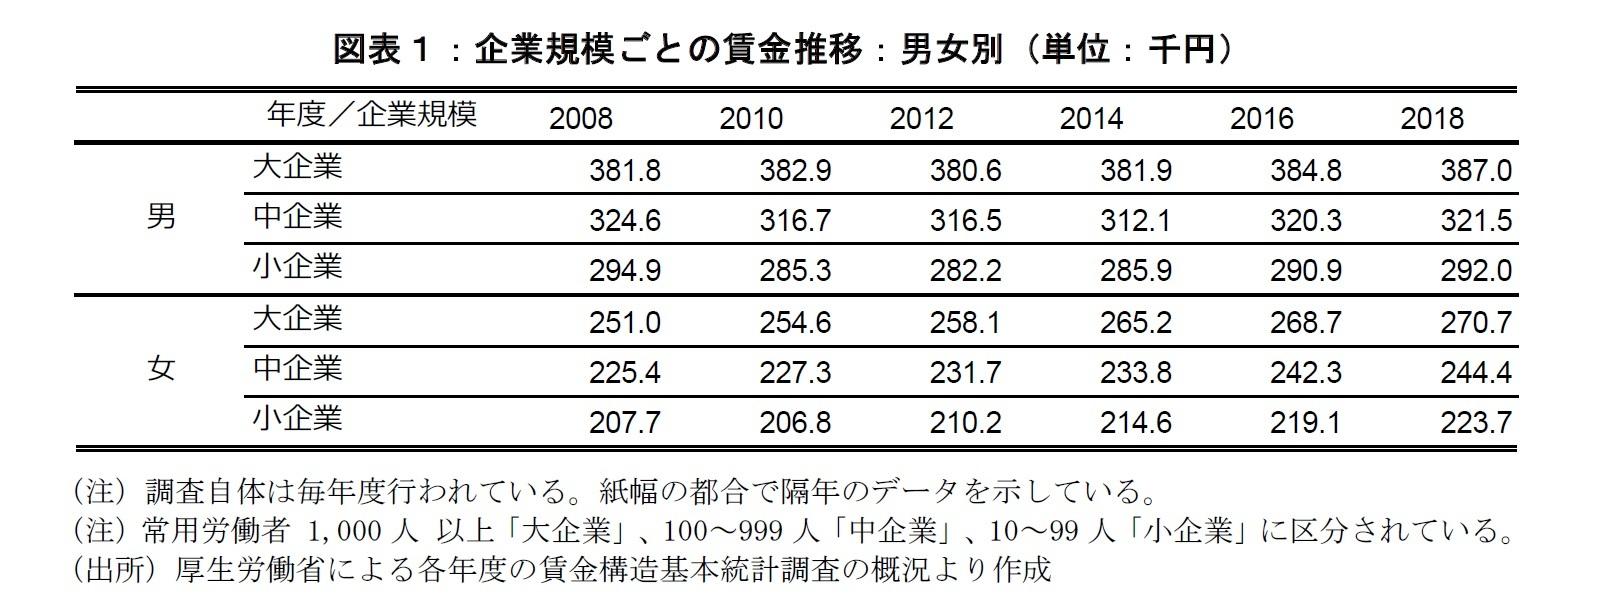 図表1:企業規模ごとの賃金推移